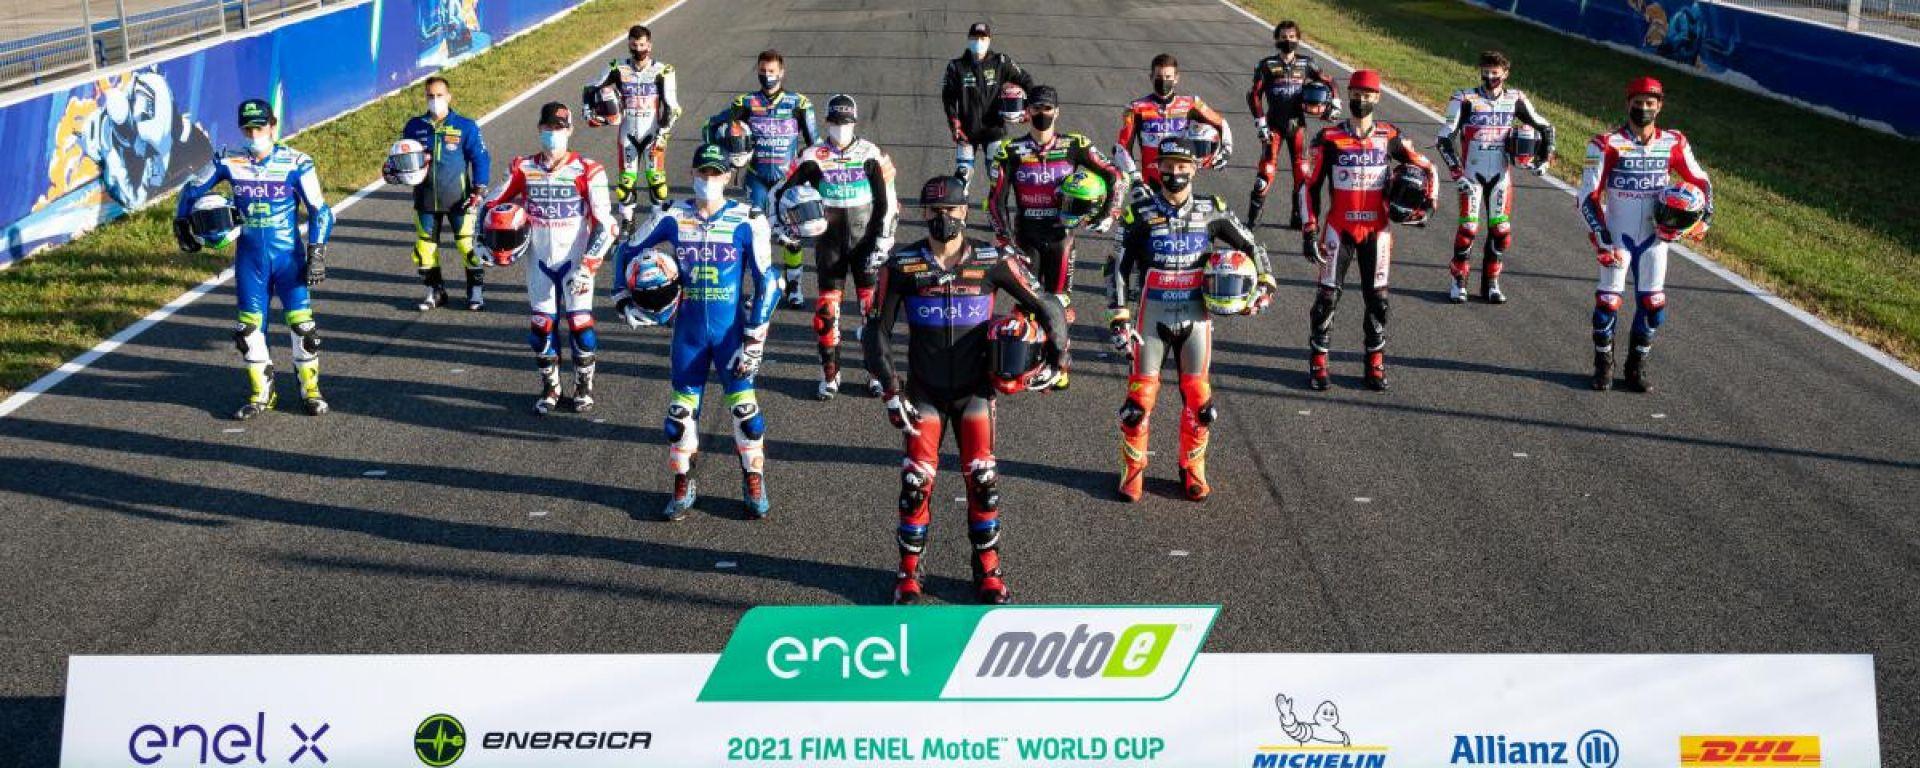 MotoE Spagna 2021, Jerez: tutti i piloti iscritti alla FIM MotoE World Cup 2021